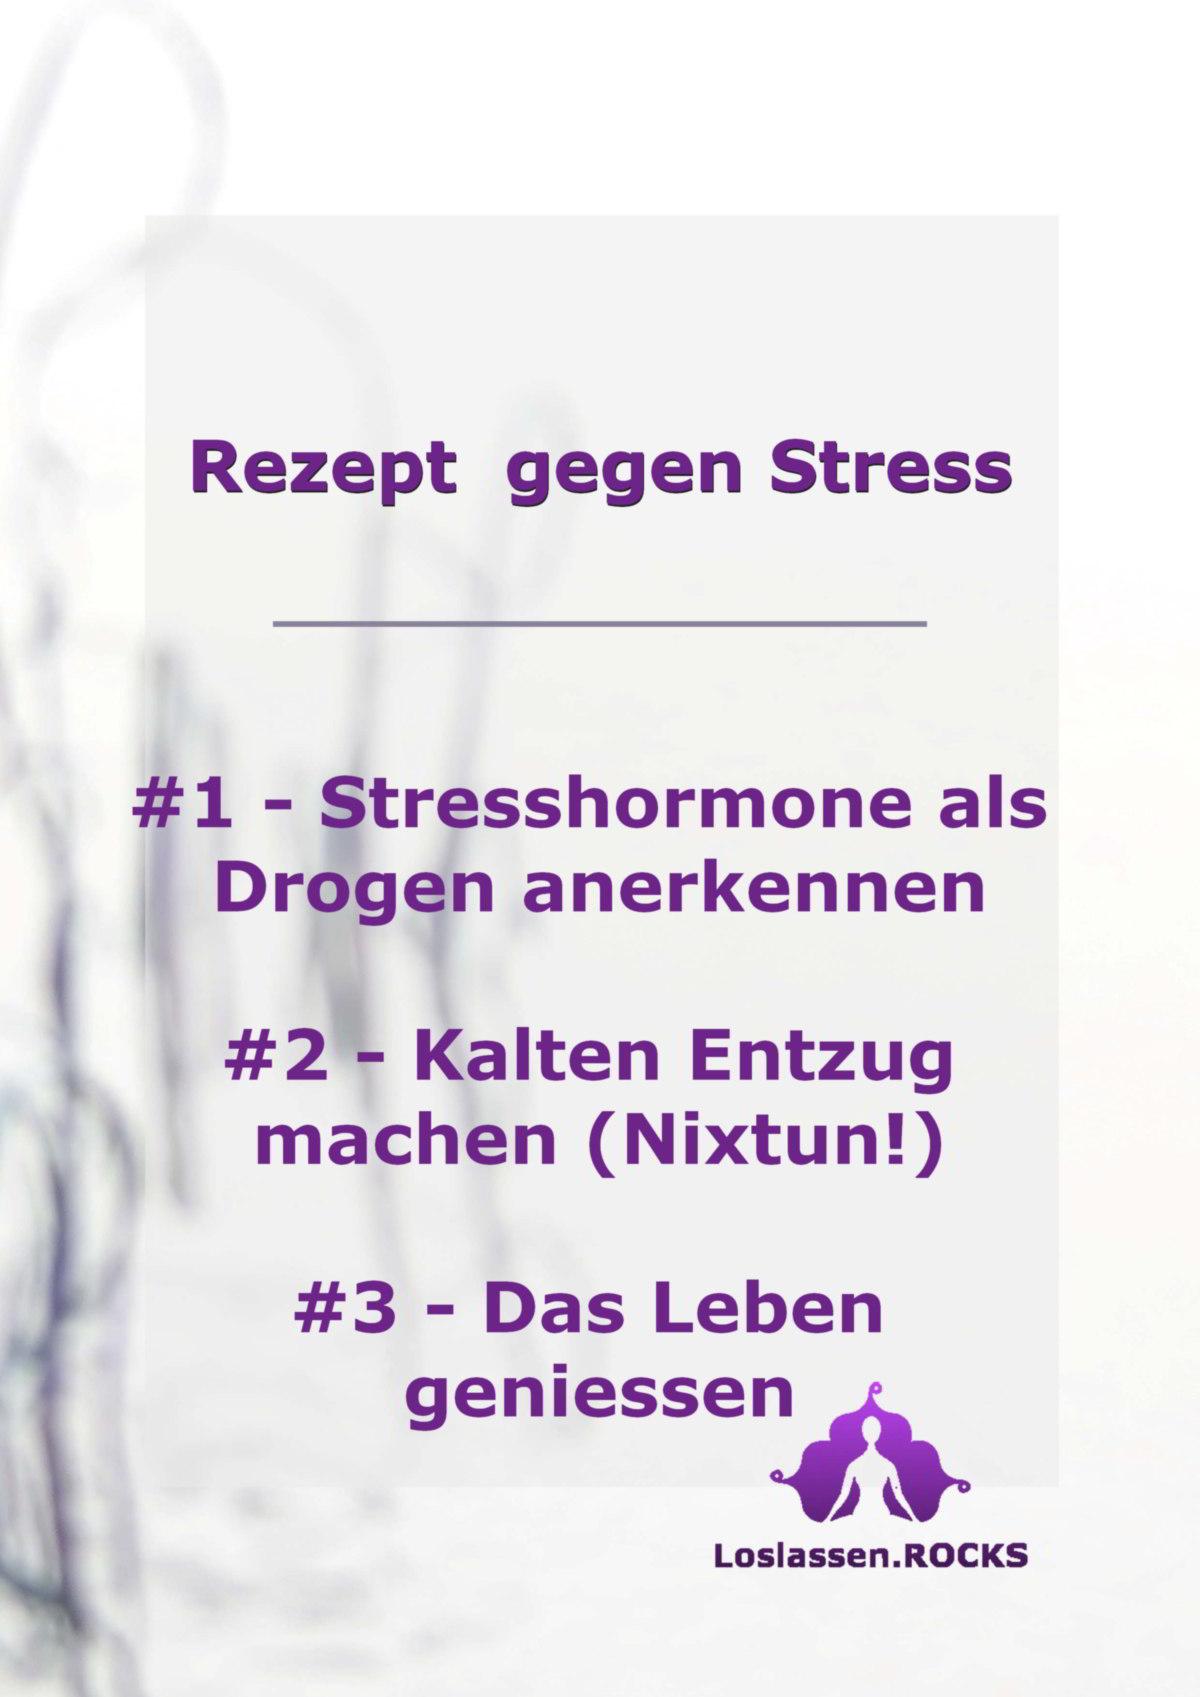 Rezept gegen Stress #1 - Stresshormone als Drogen anerkennen #2 - Kalten Entzug machen (Nixtun!) #3 - Das Leben geniessen